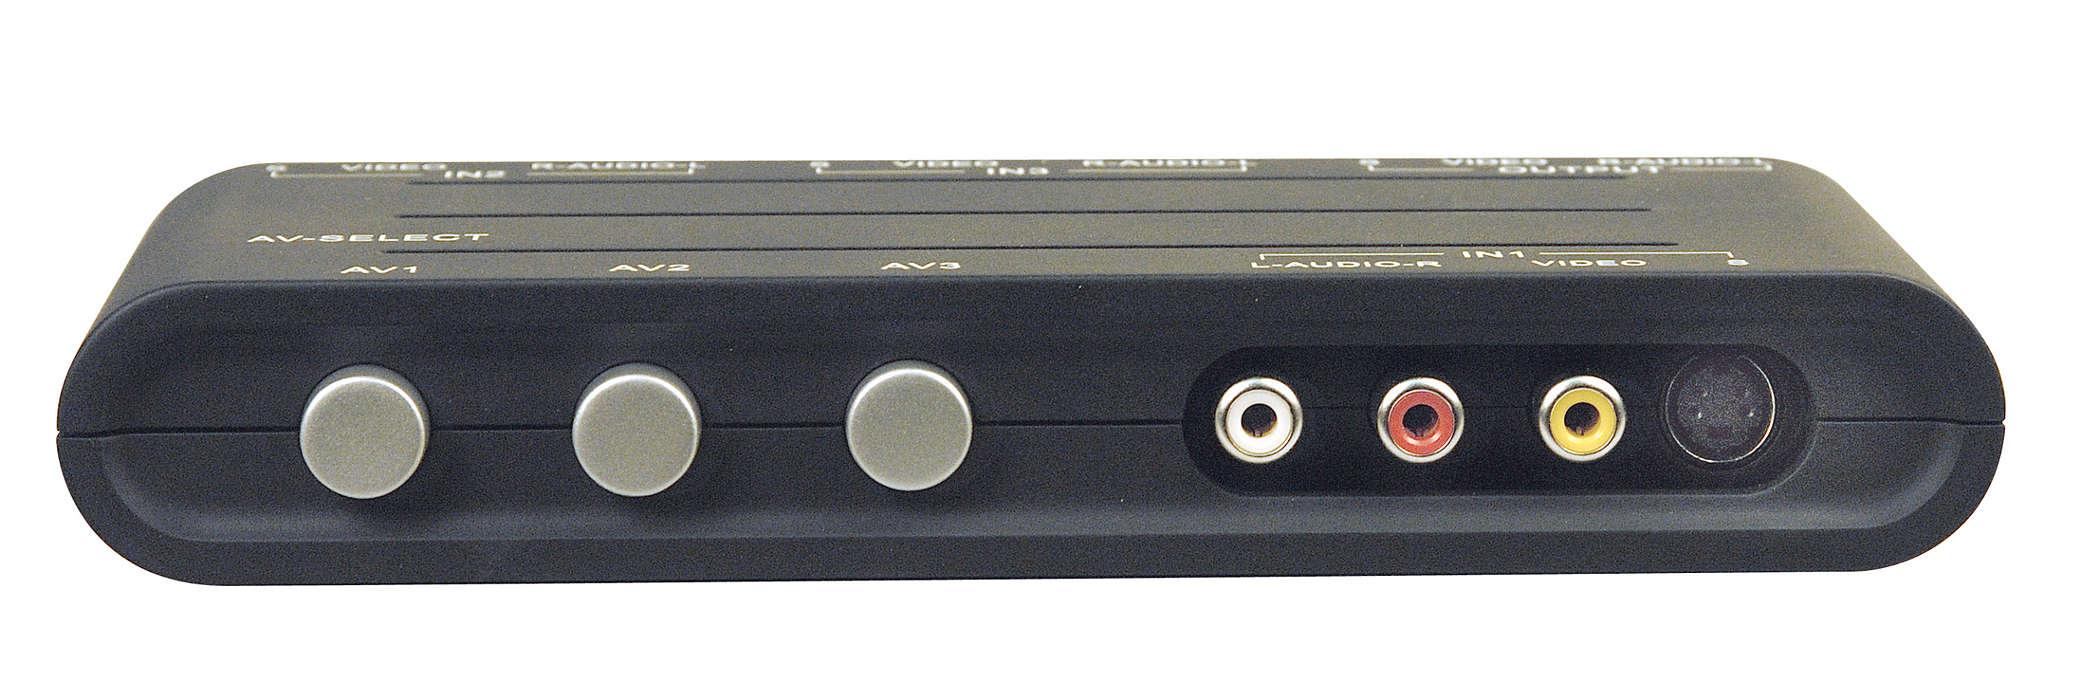 Connectez trois appareils à un téléviseur